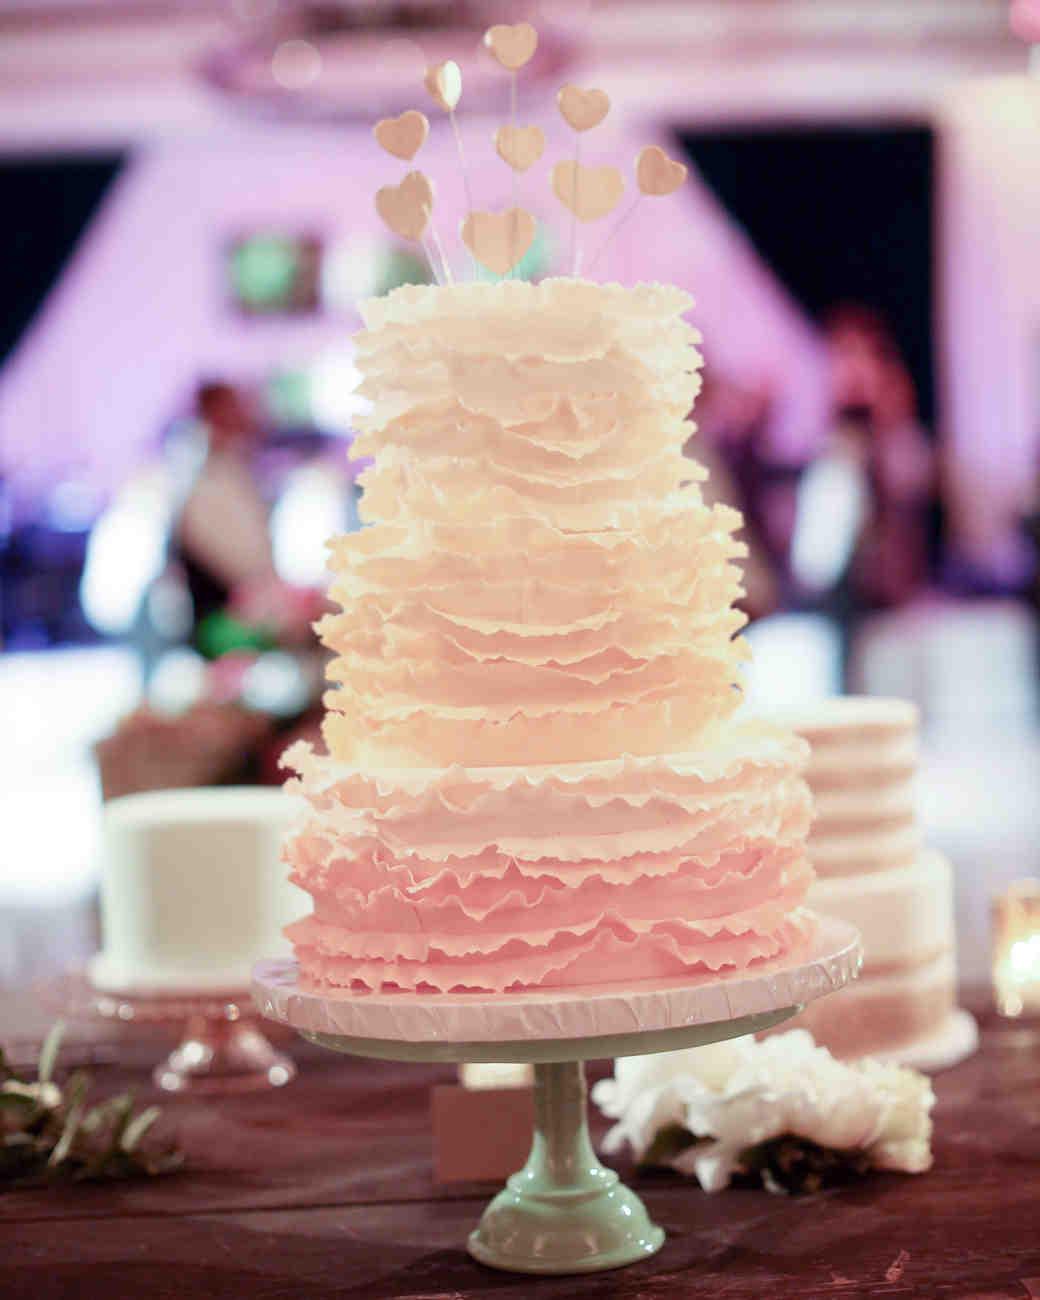 cake-pros-vanillabakeshop-0414.jpg